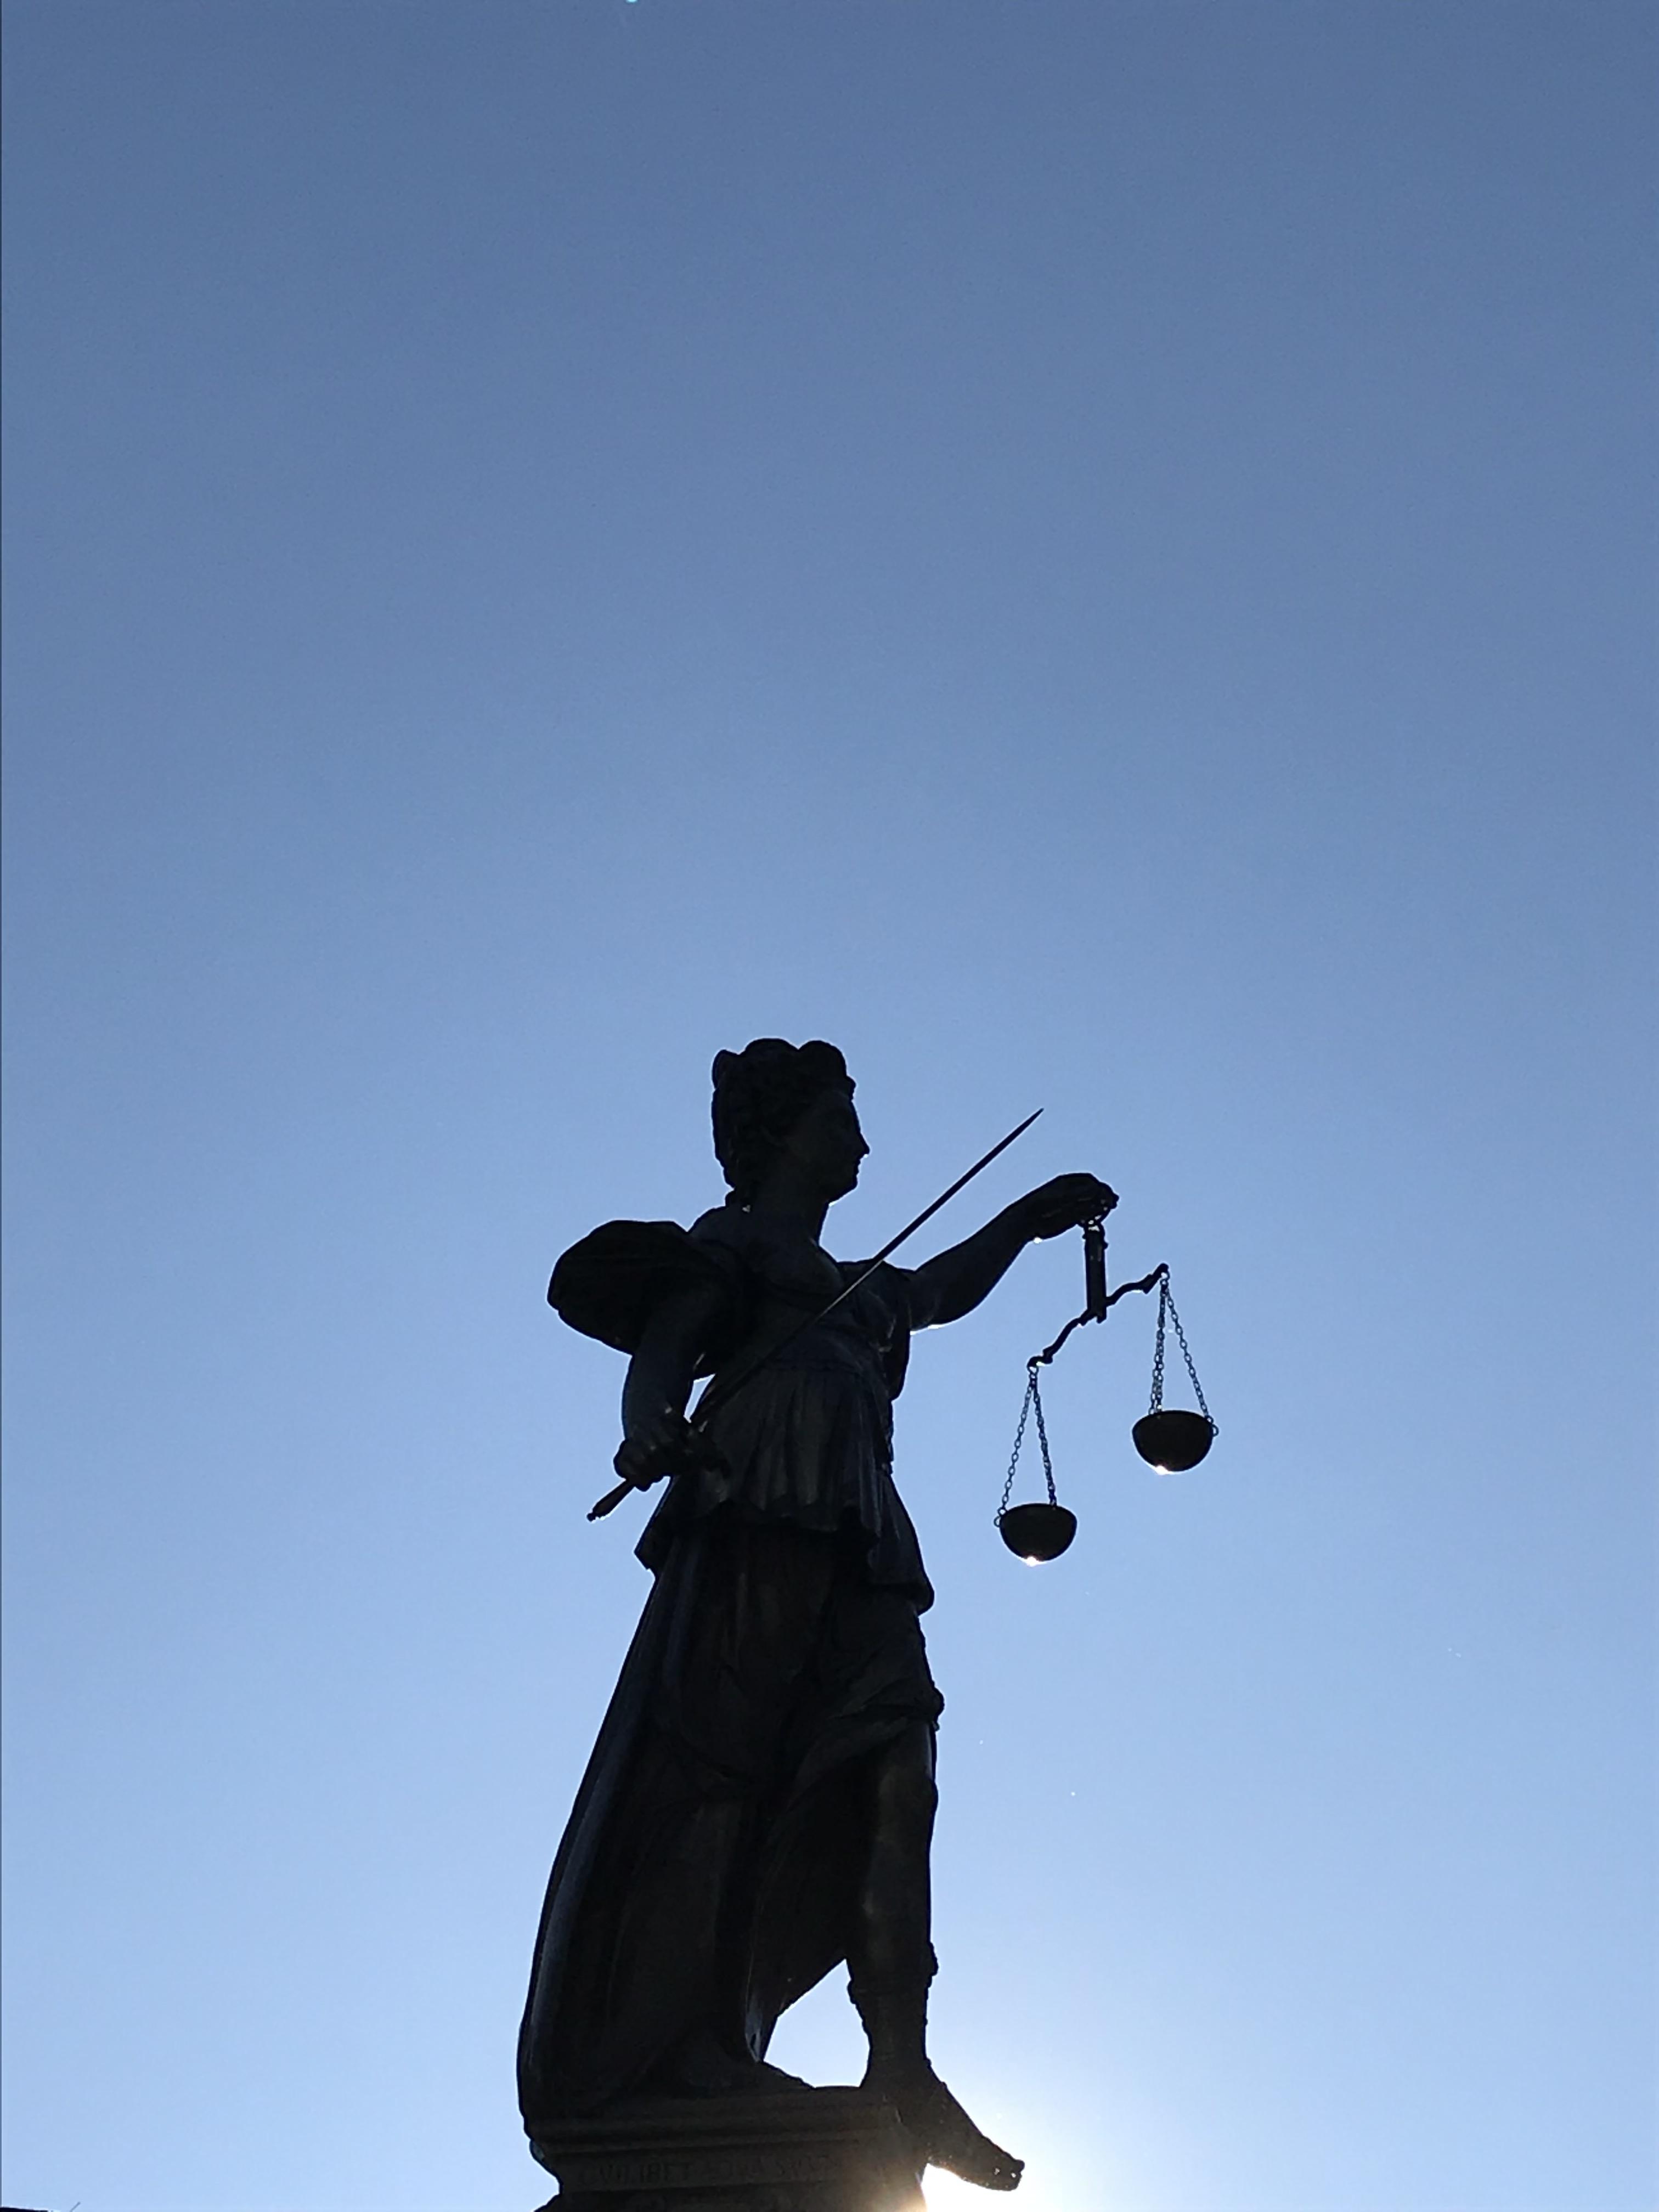 divinità-giustizia-piazza-römerberg-francoforte